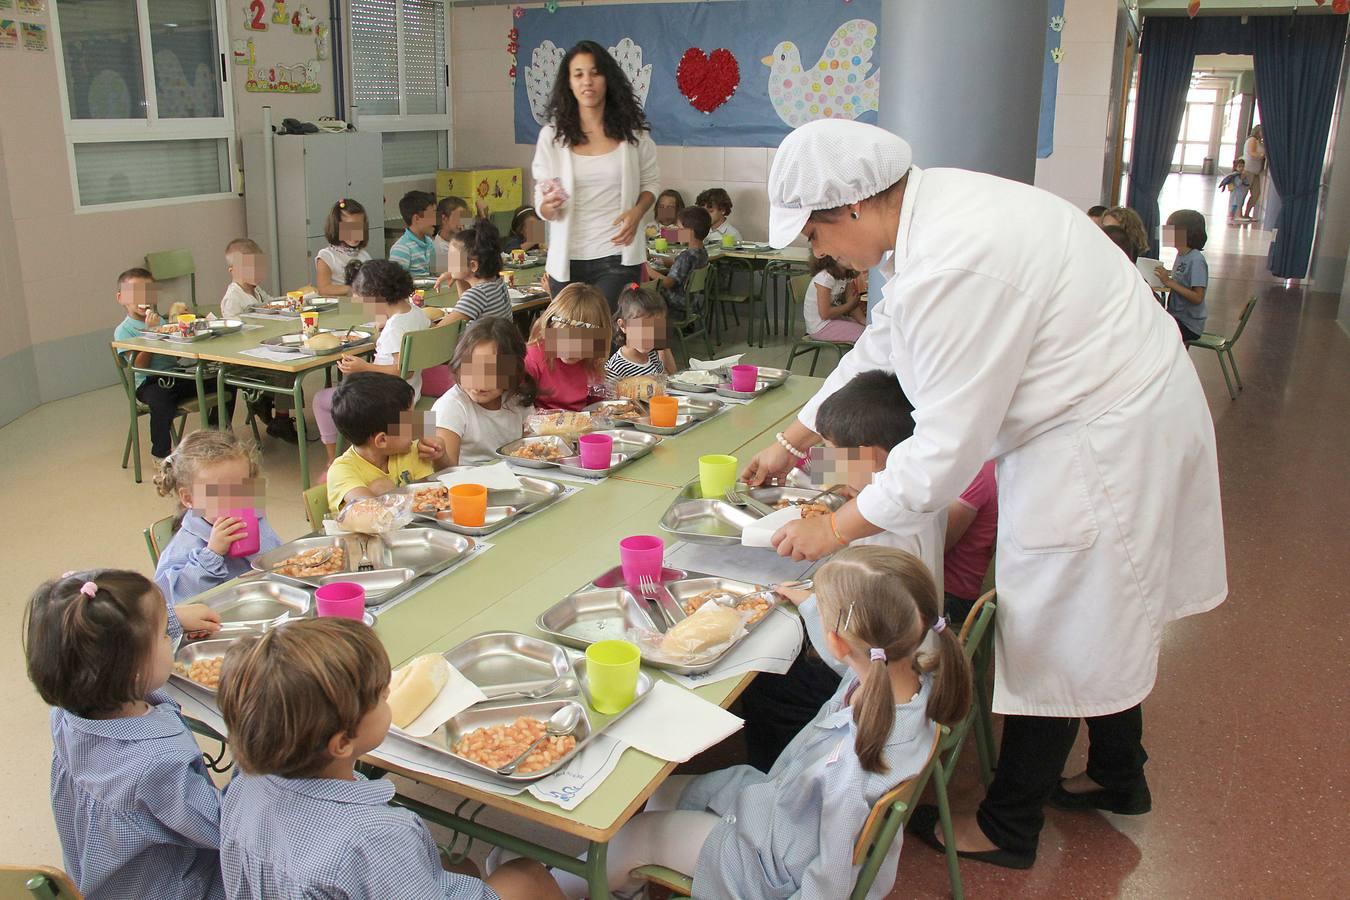 El menú escolar costará 4,08 euros diarios en Extremadura | Hoy